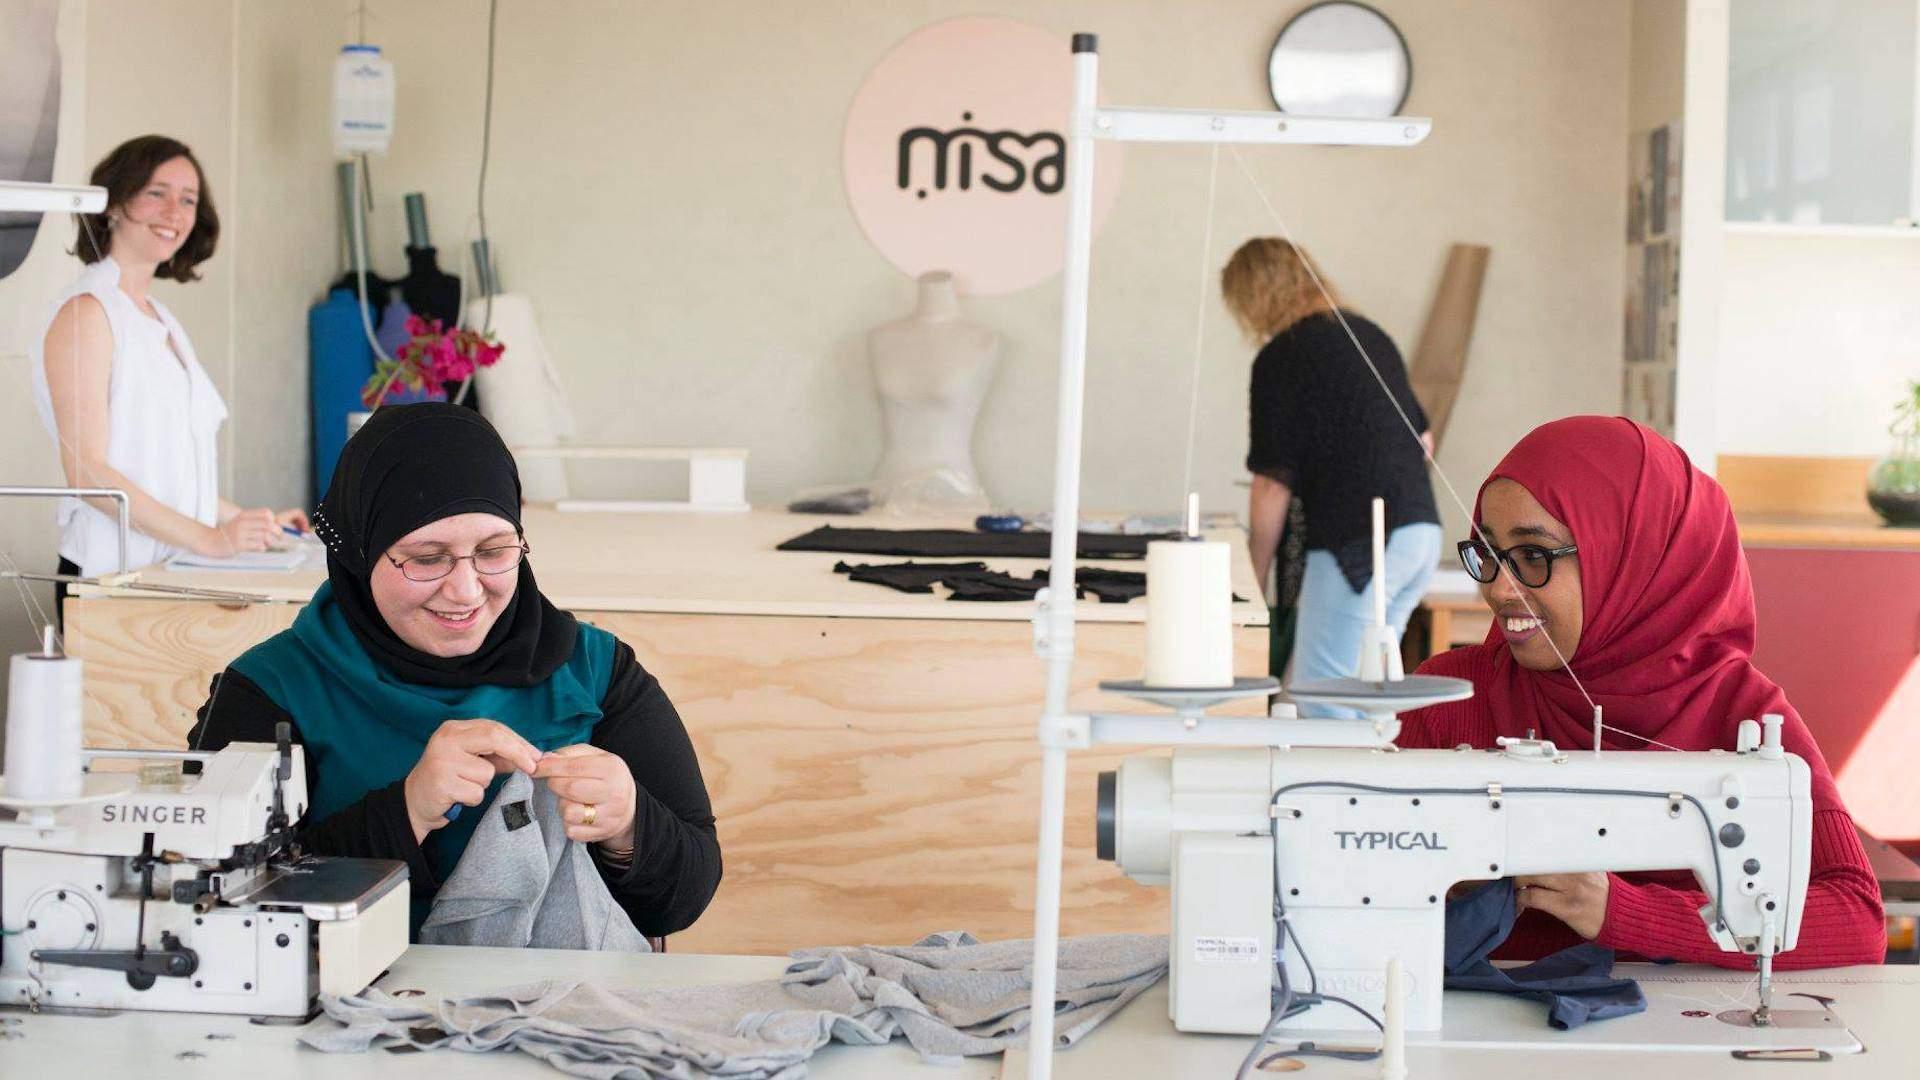 Wellington's Nisa Is Crowdfunding Its New Ethical Underwear Range